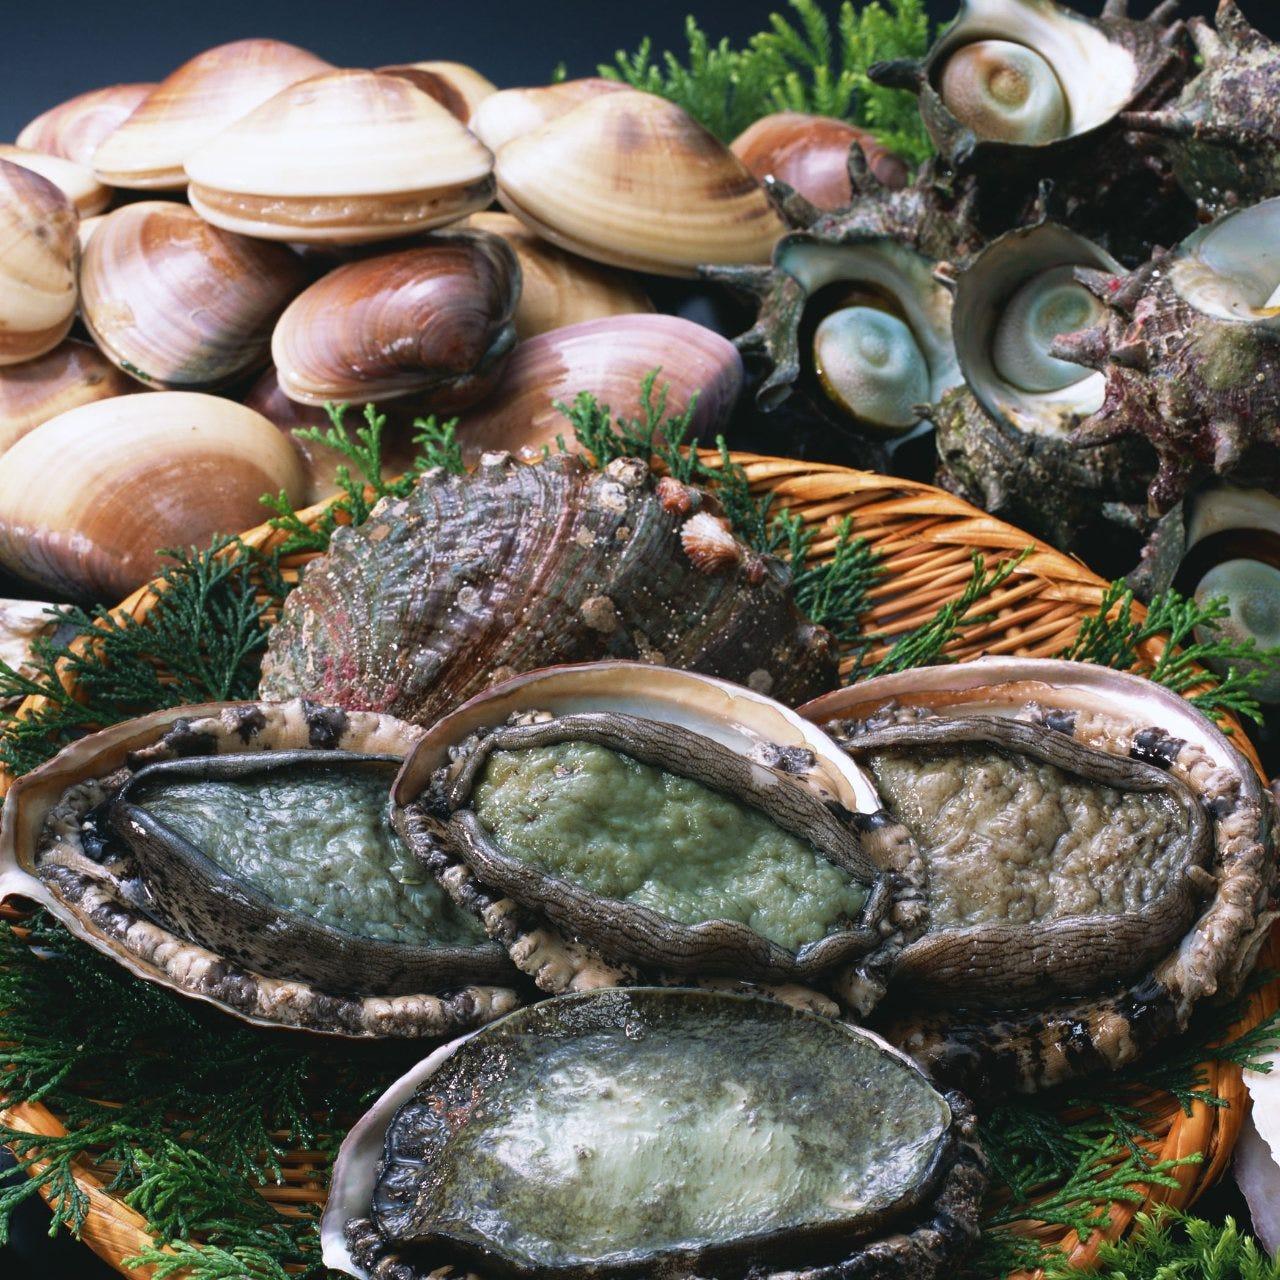 生簀からすくった新鮮鮮魚をご用意